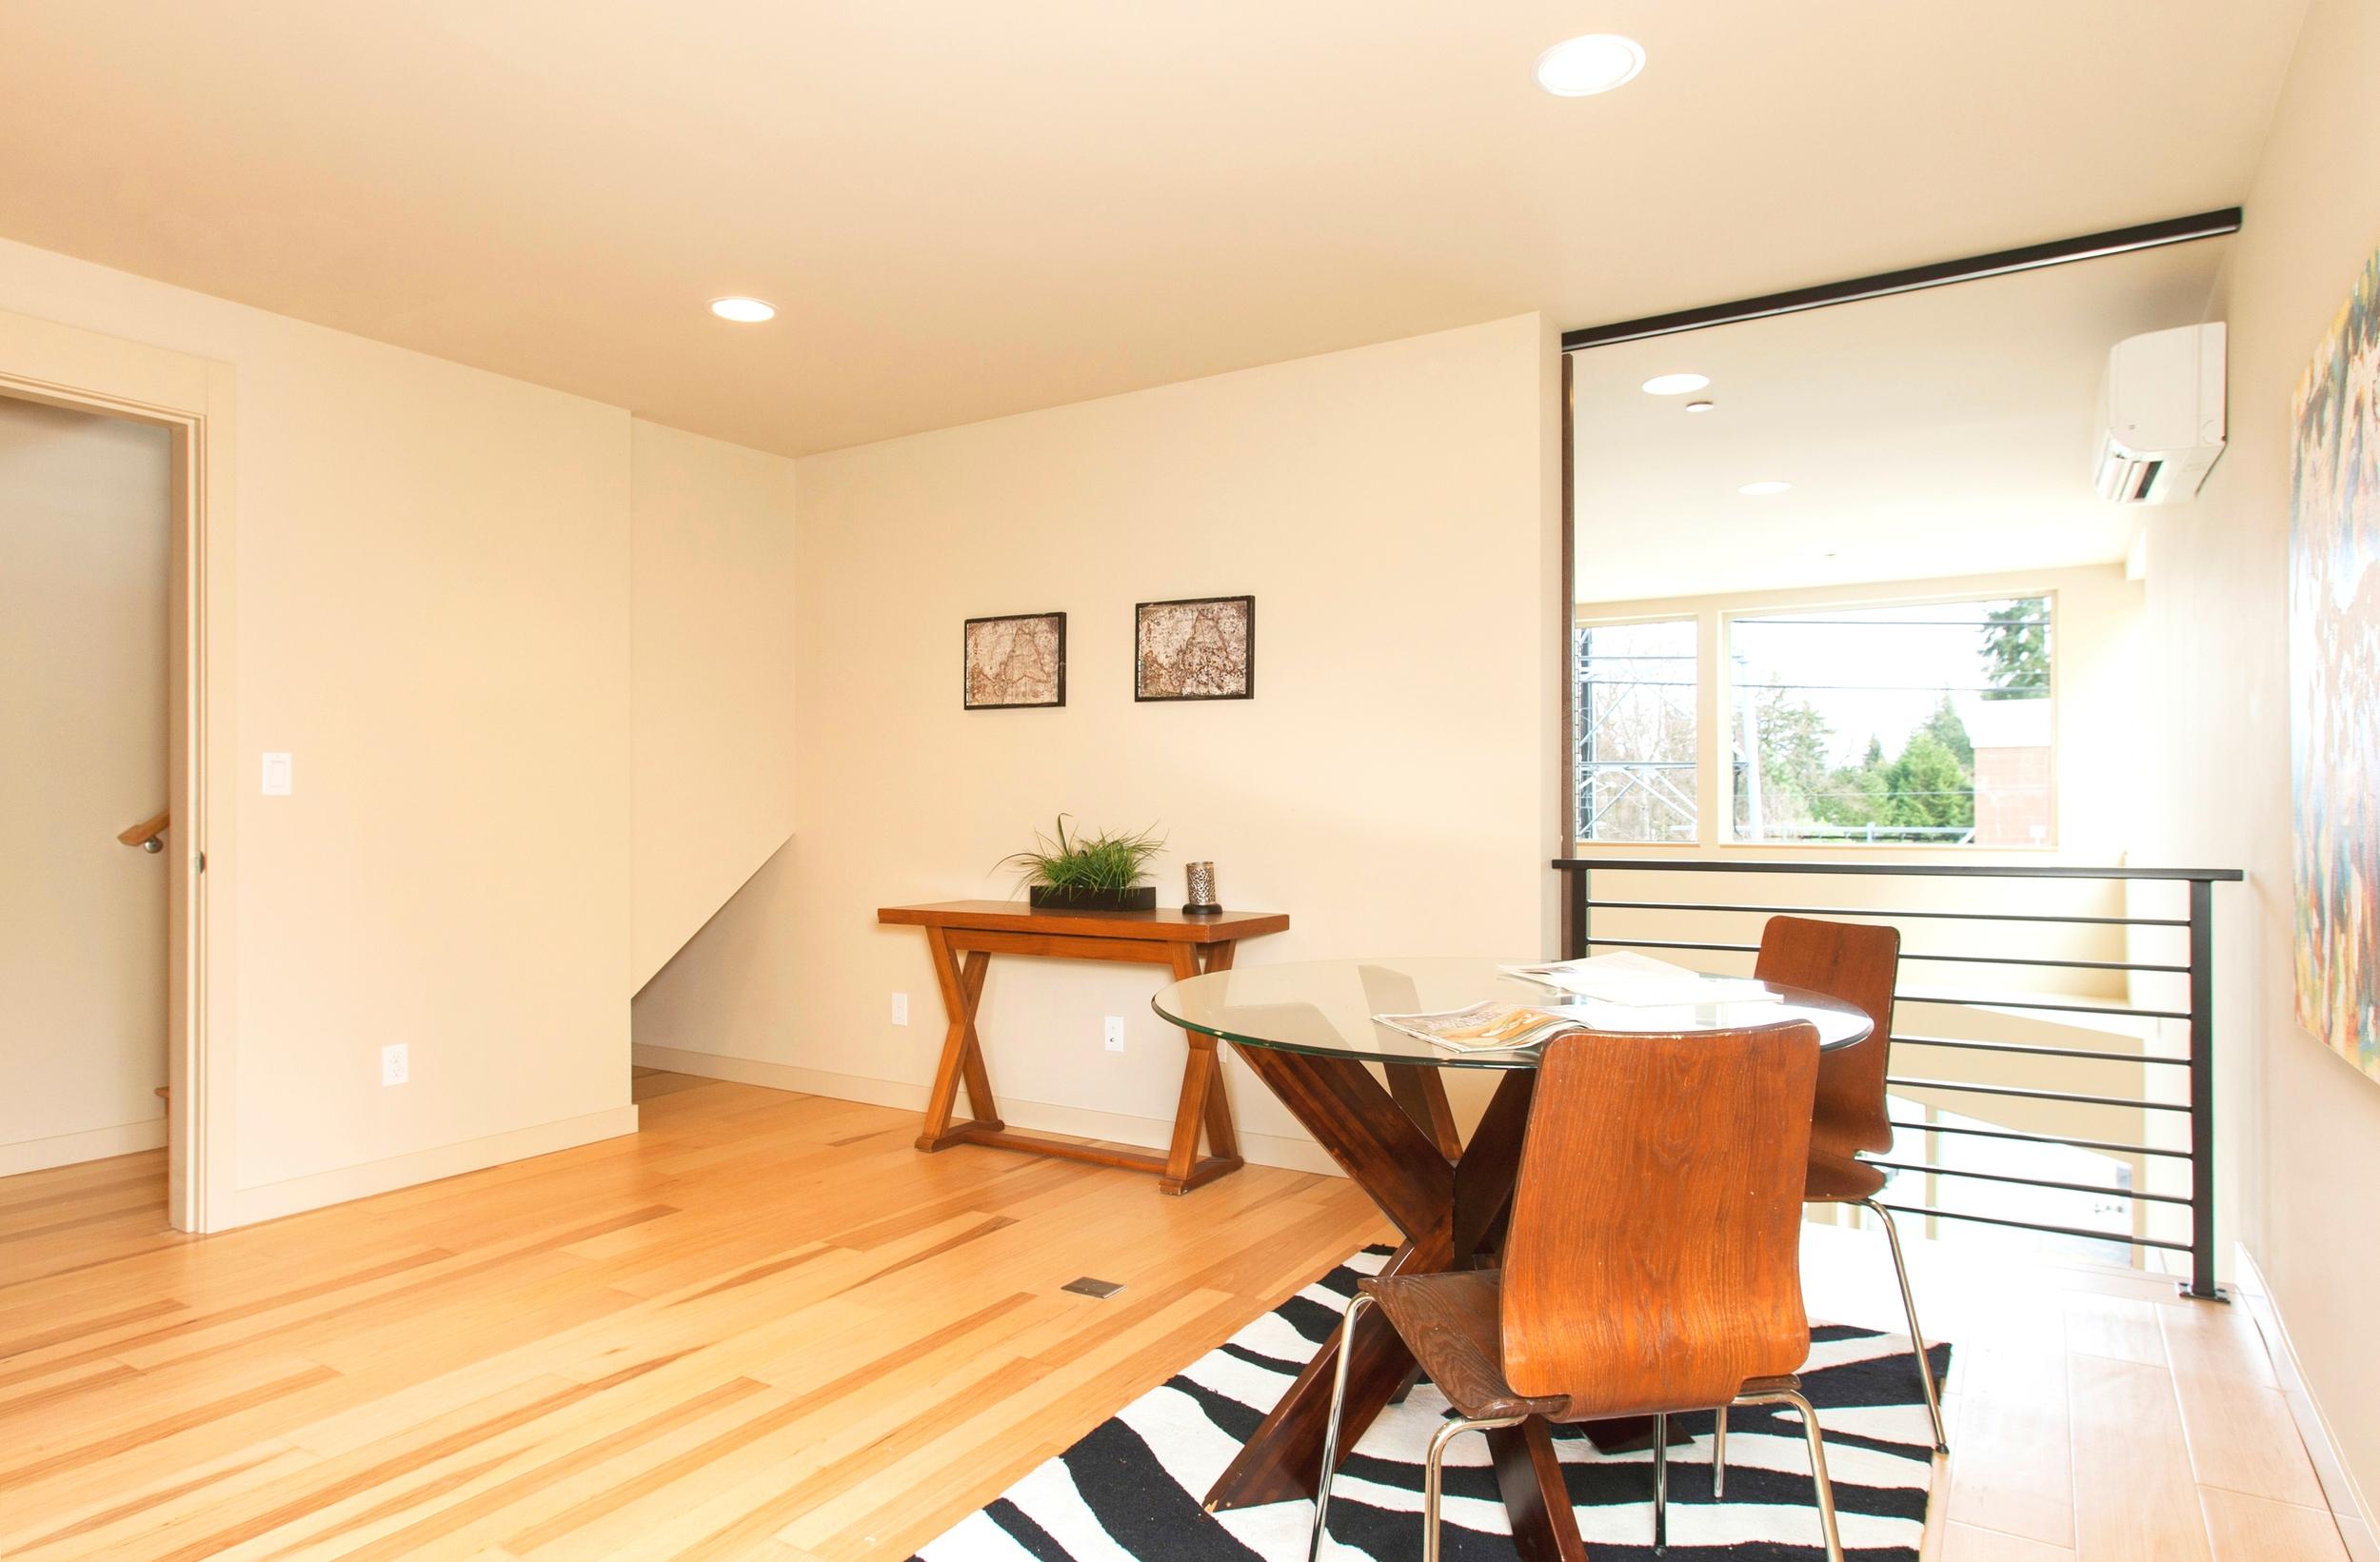 dining room 1-1.jpg